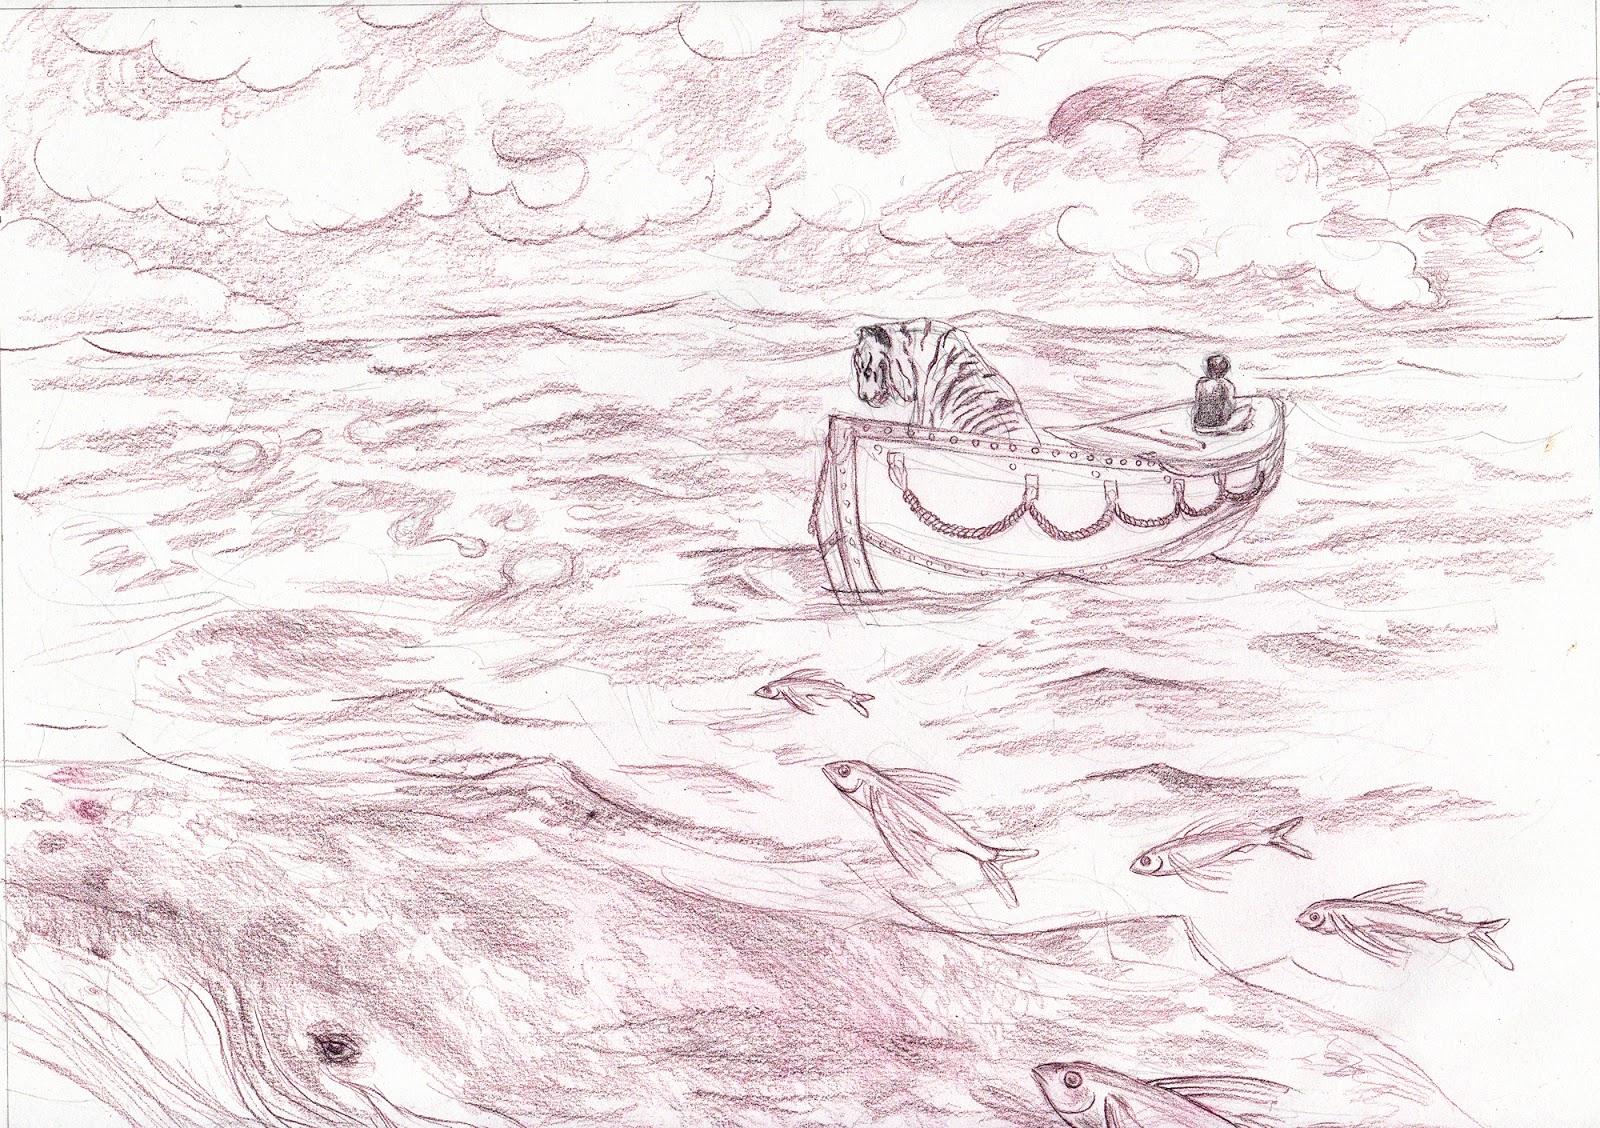 1600x1128 Alicia Vasquez Life Of Pi Illustration